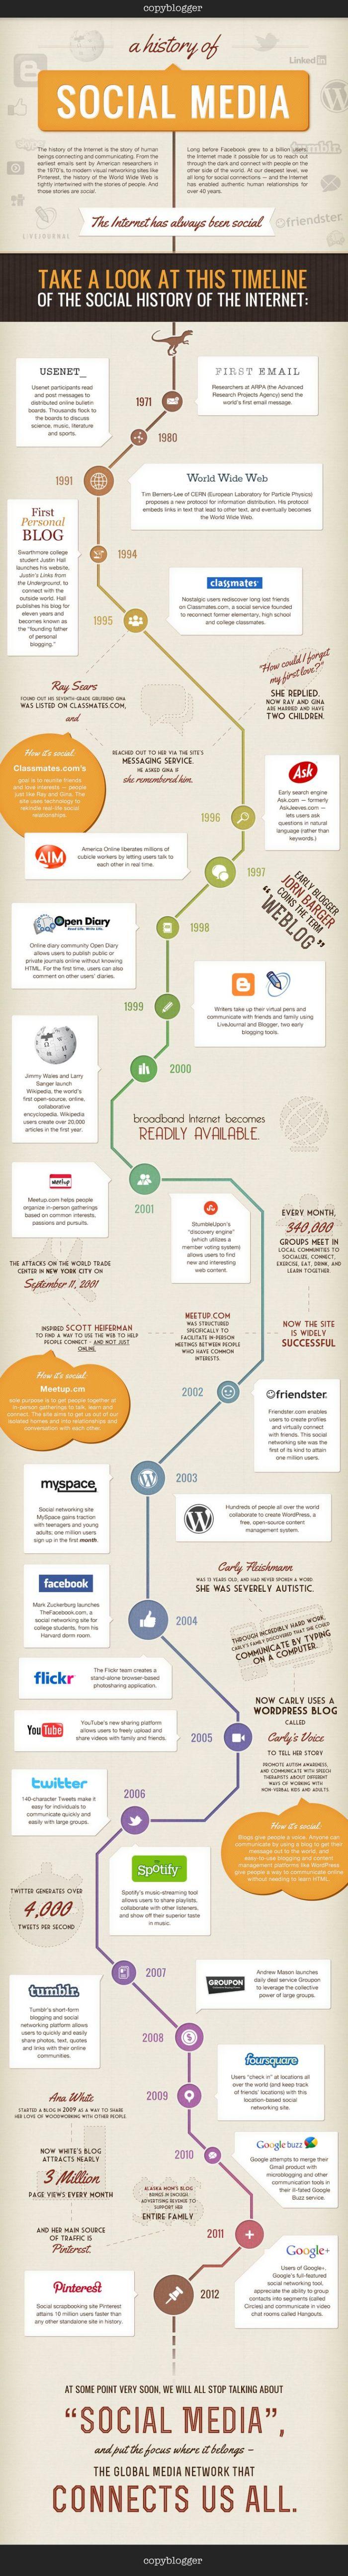 history-of-social-media